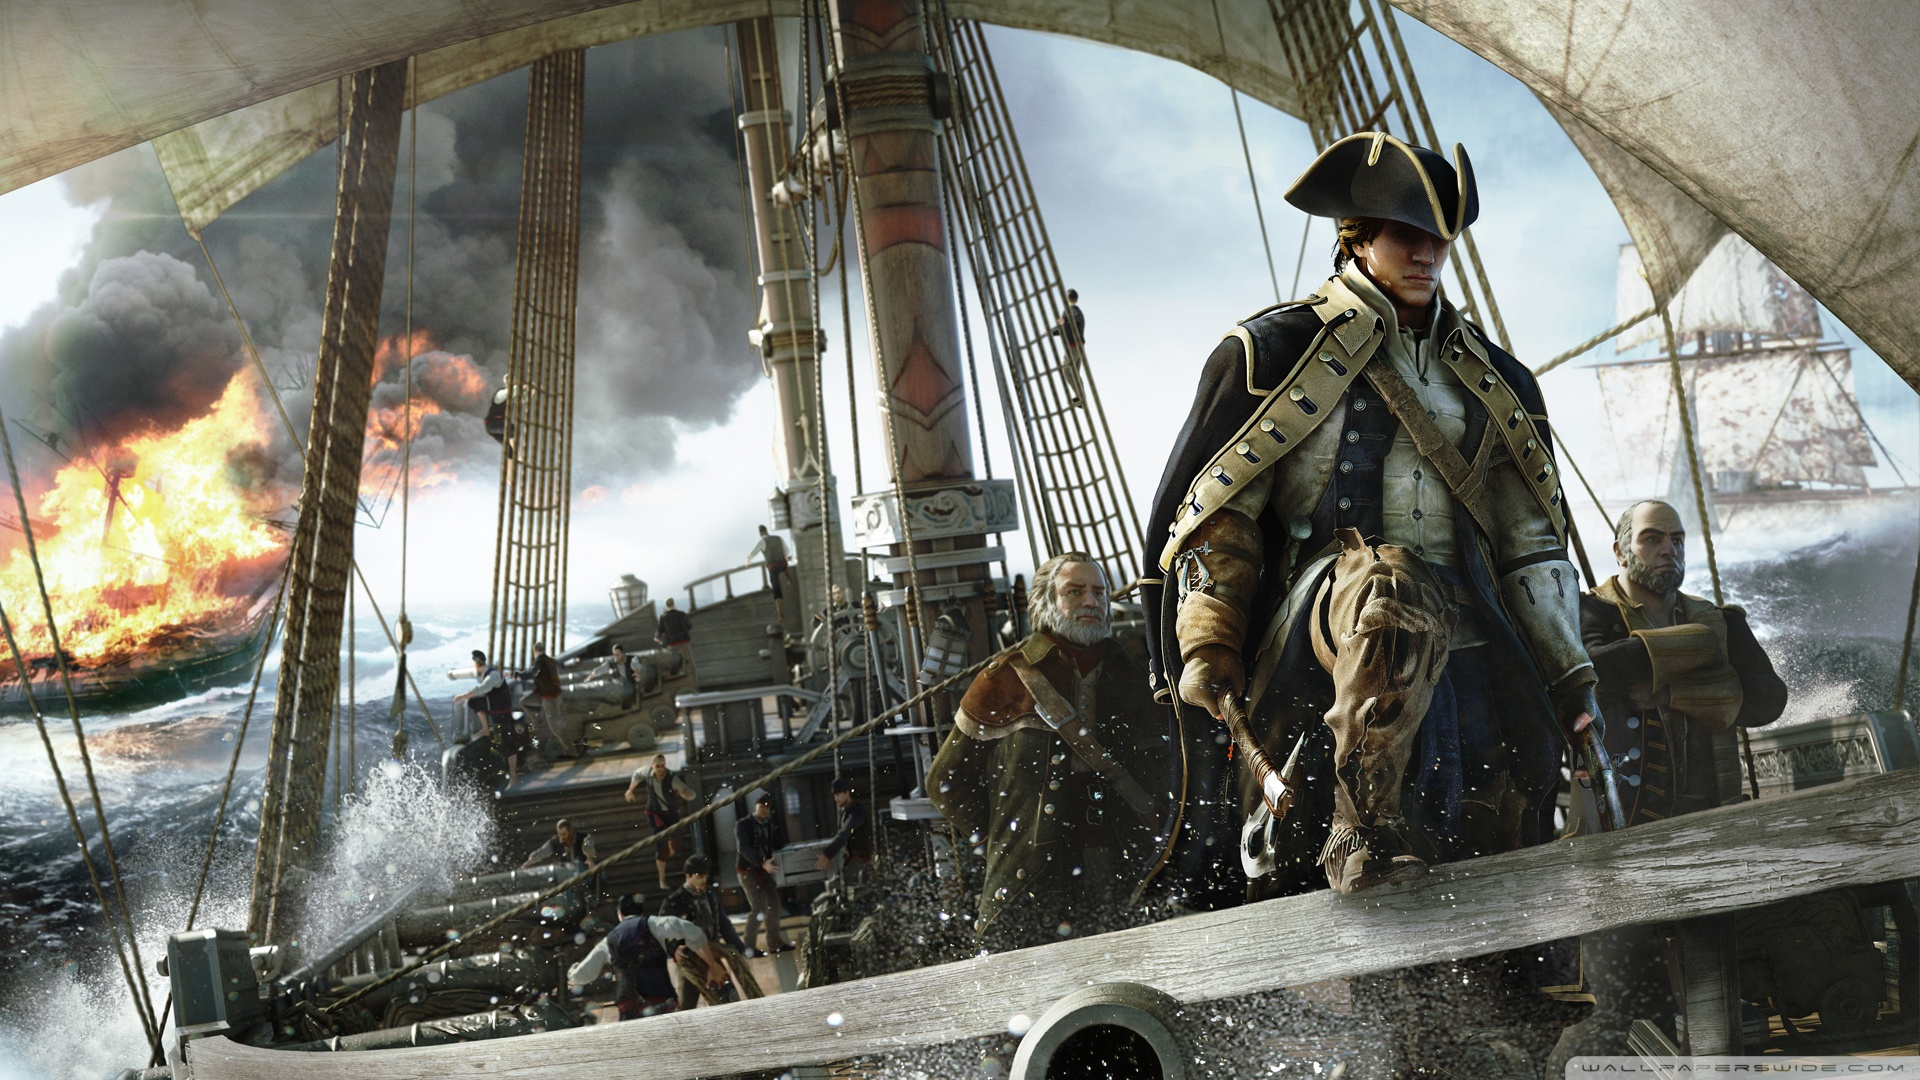 пираты карибского моря 5 обои на рабочий стол 1280х1024 № 220575 загрузить